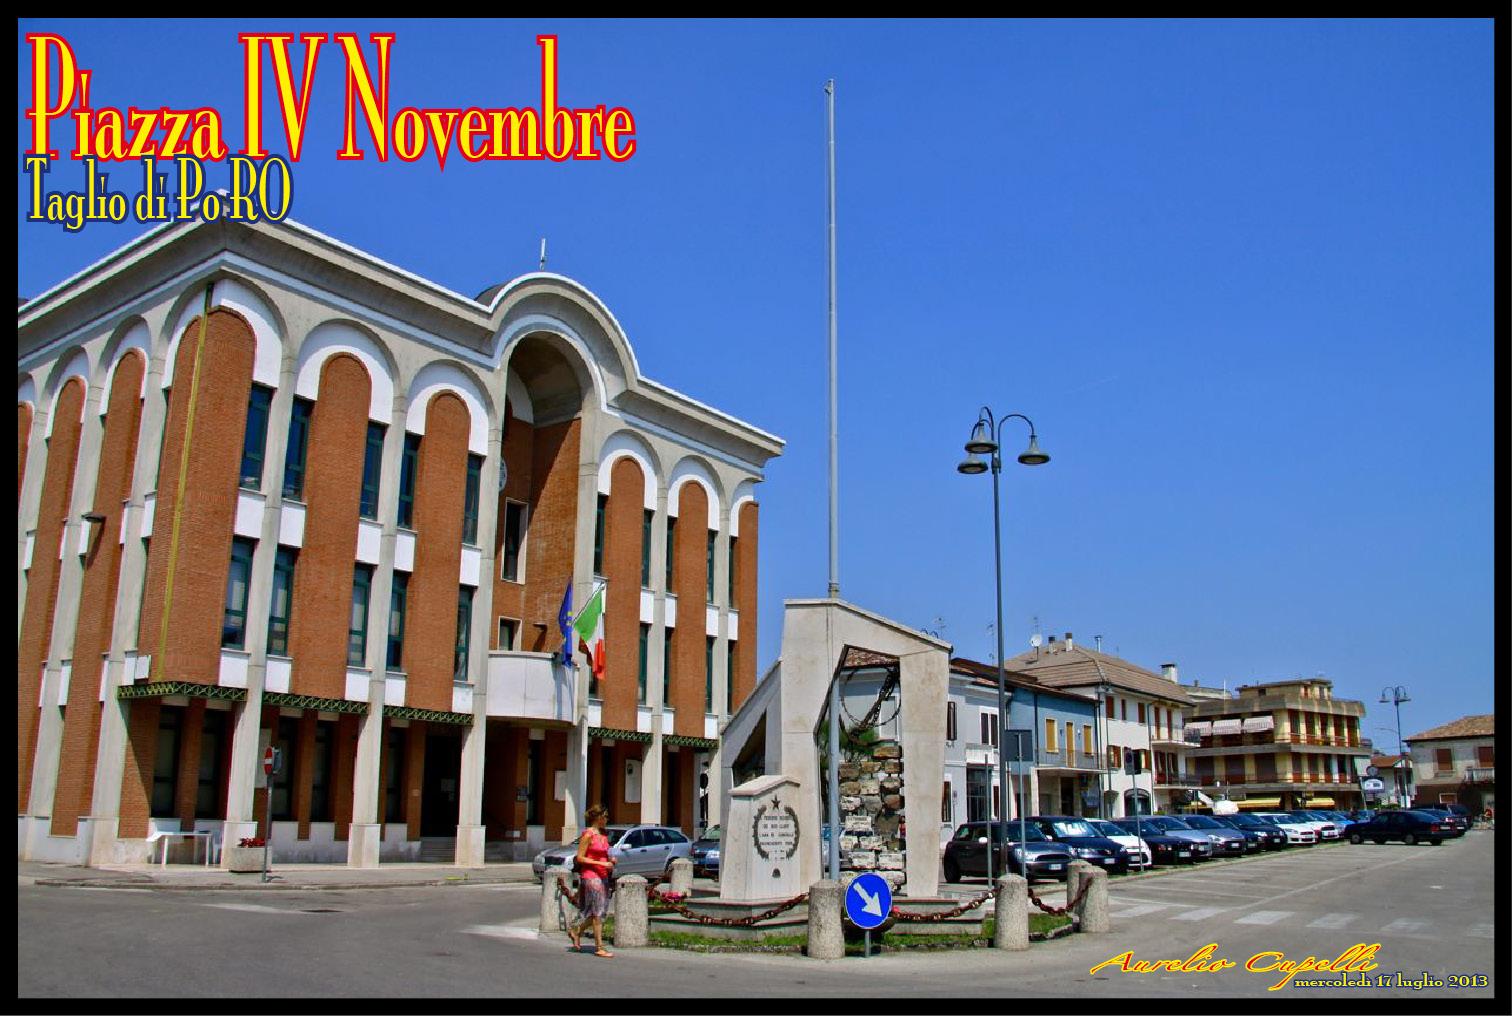 Vivere a pierino piazza iv novembre taglio di po for Arredare milano piazza iv novembre